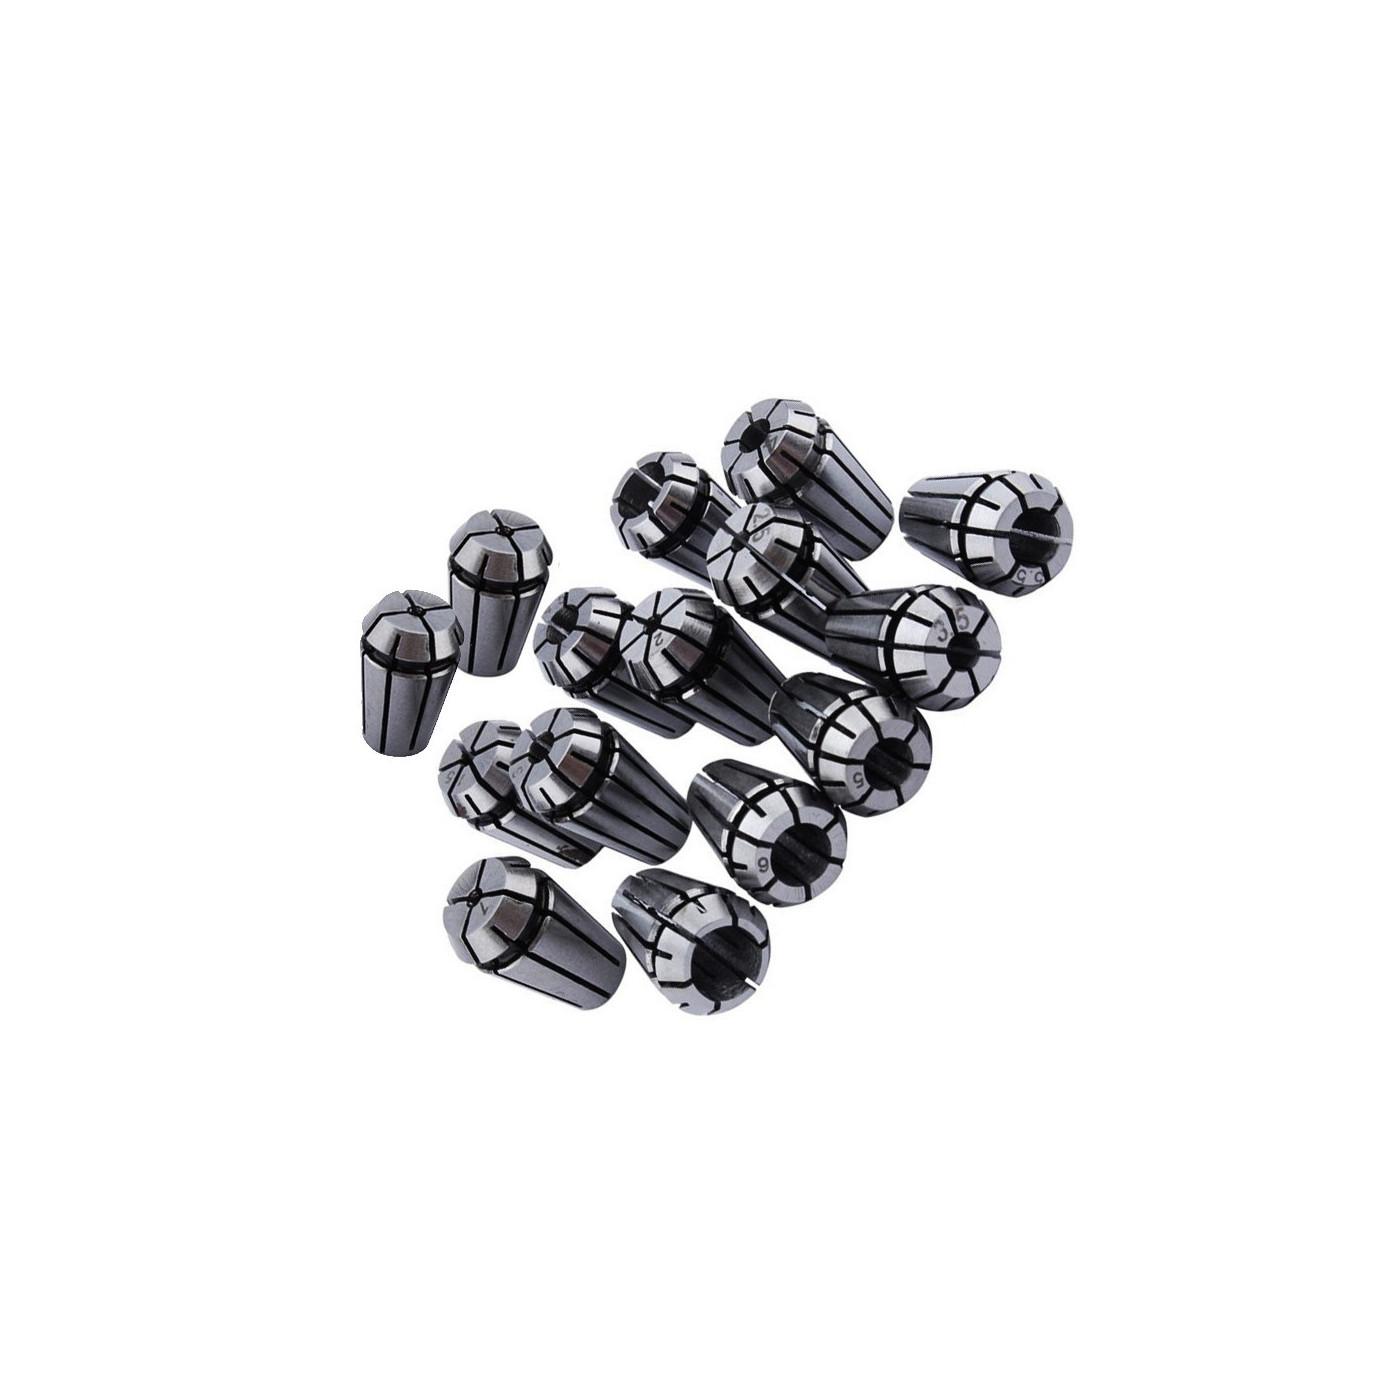 Set ER11 Spannzangenfutter (15 Stück, 1-7 mm, einschließlich 1/8 inch, 1/4 inch)  - 1